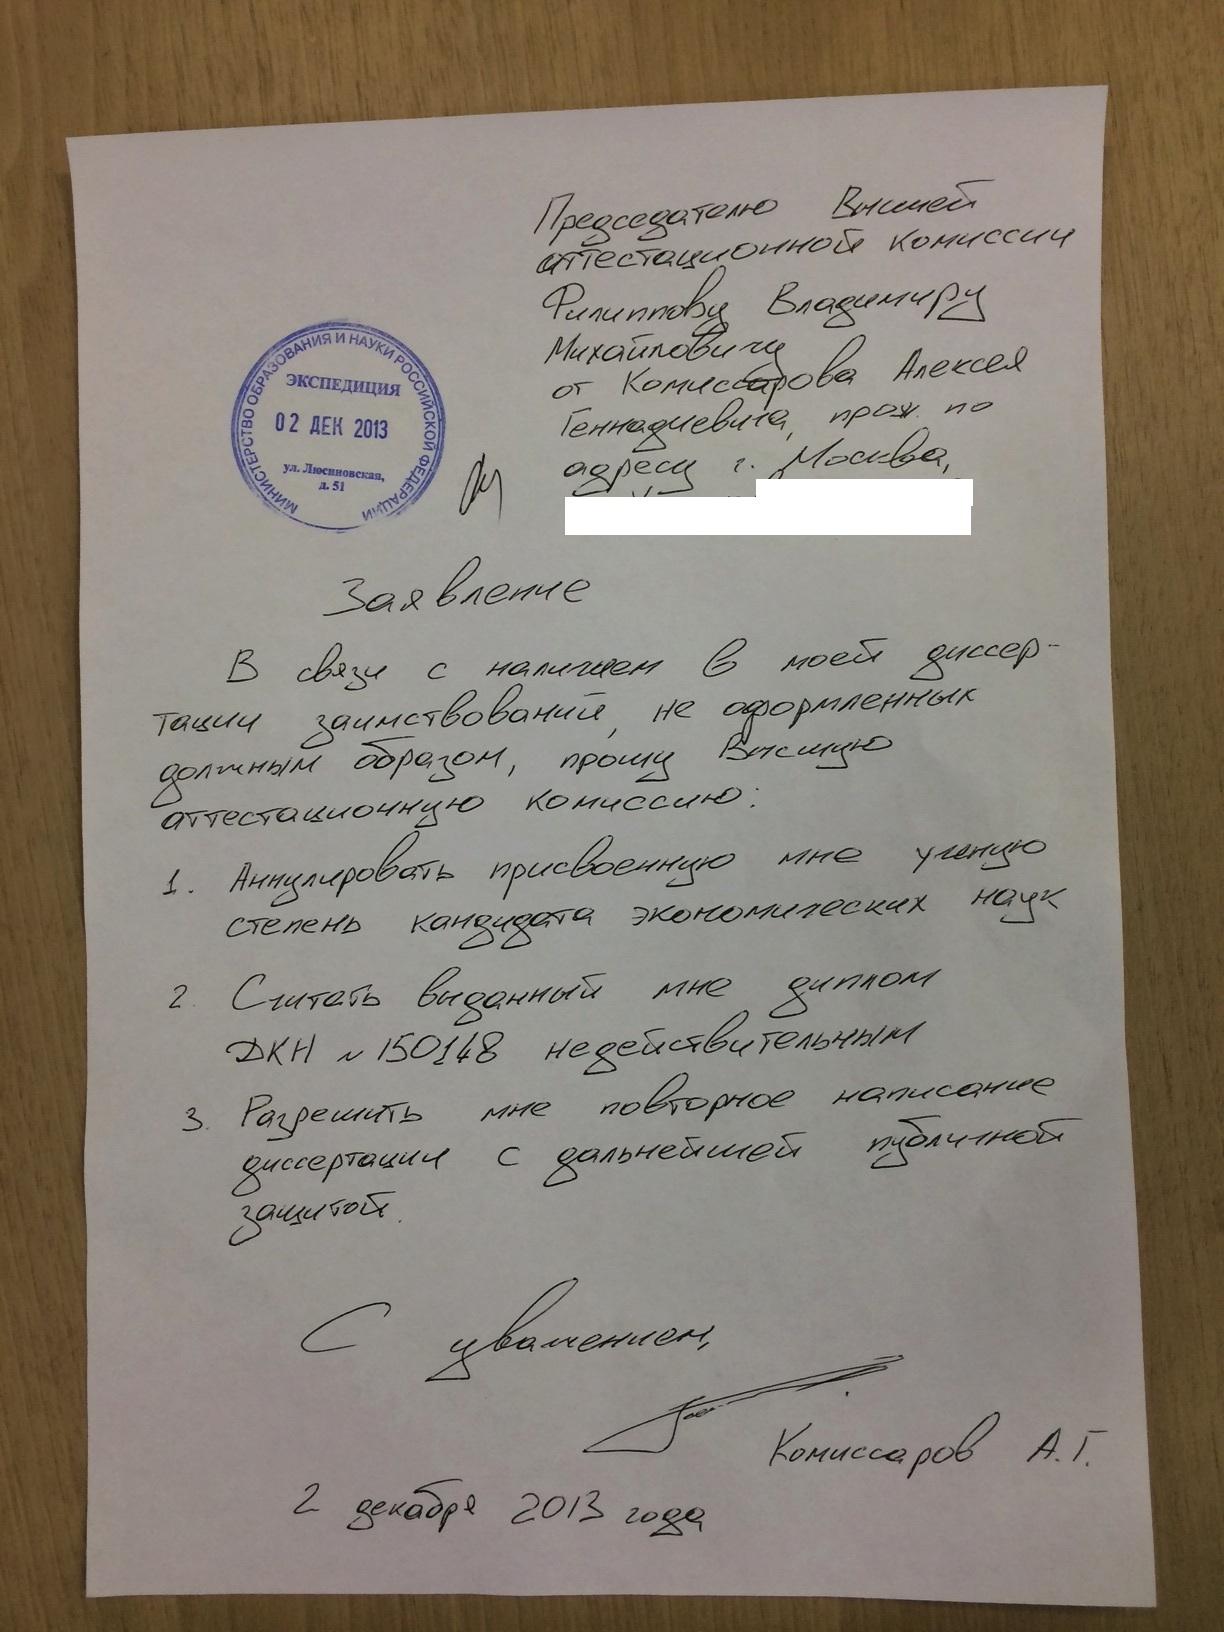 Komissarov-otkaz2